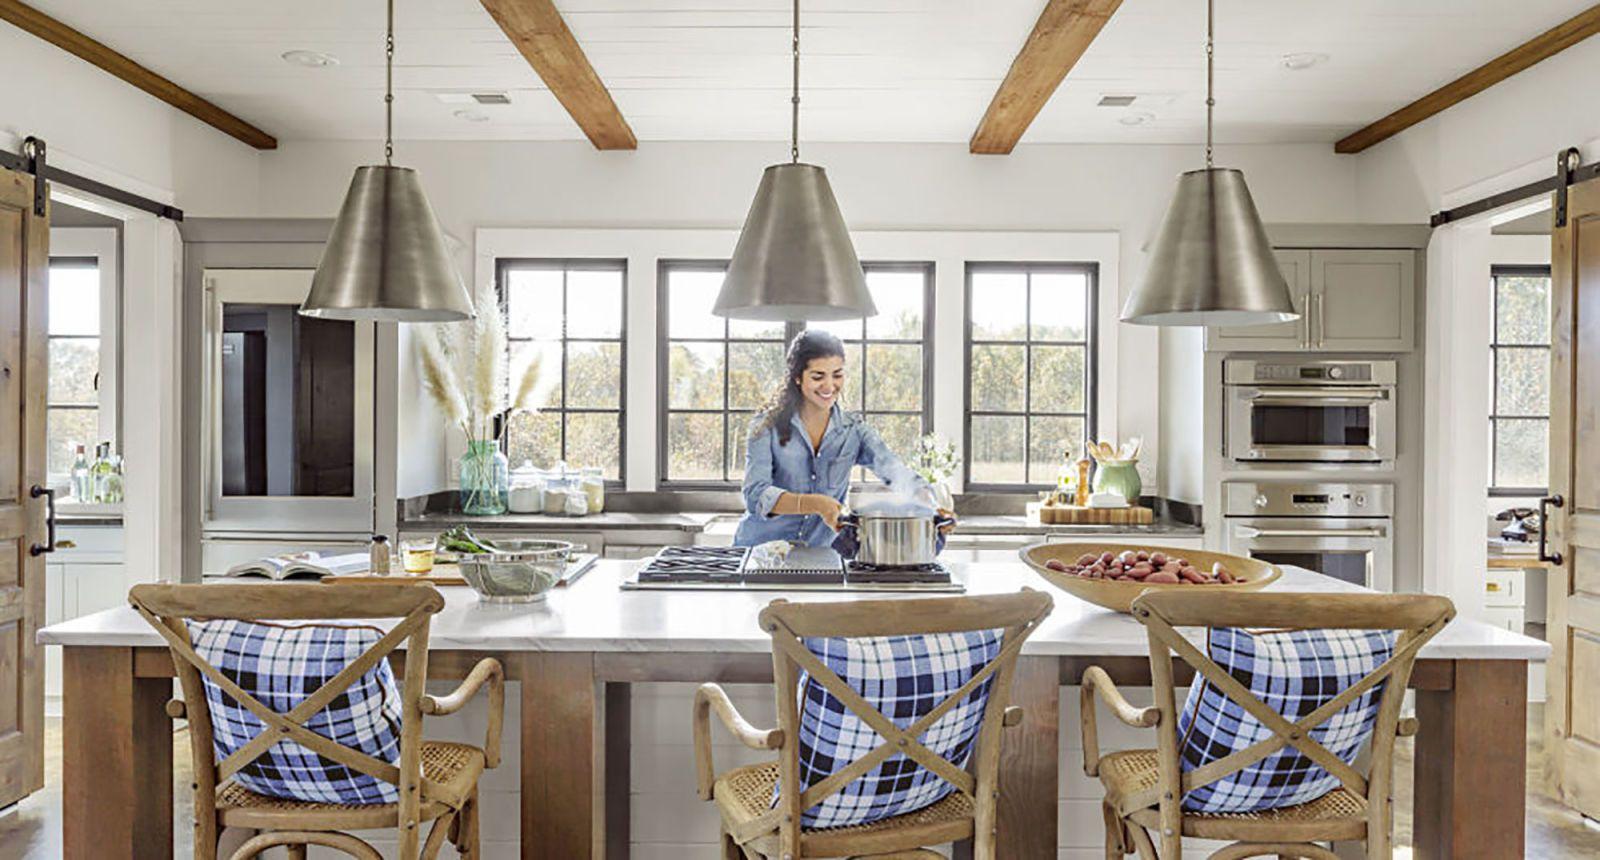 image & 50+ Best Kitchen Island Ideas - Stylish Designs for Kitchen Islands